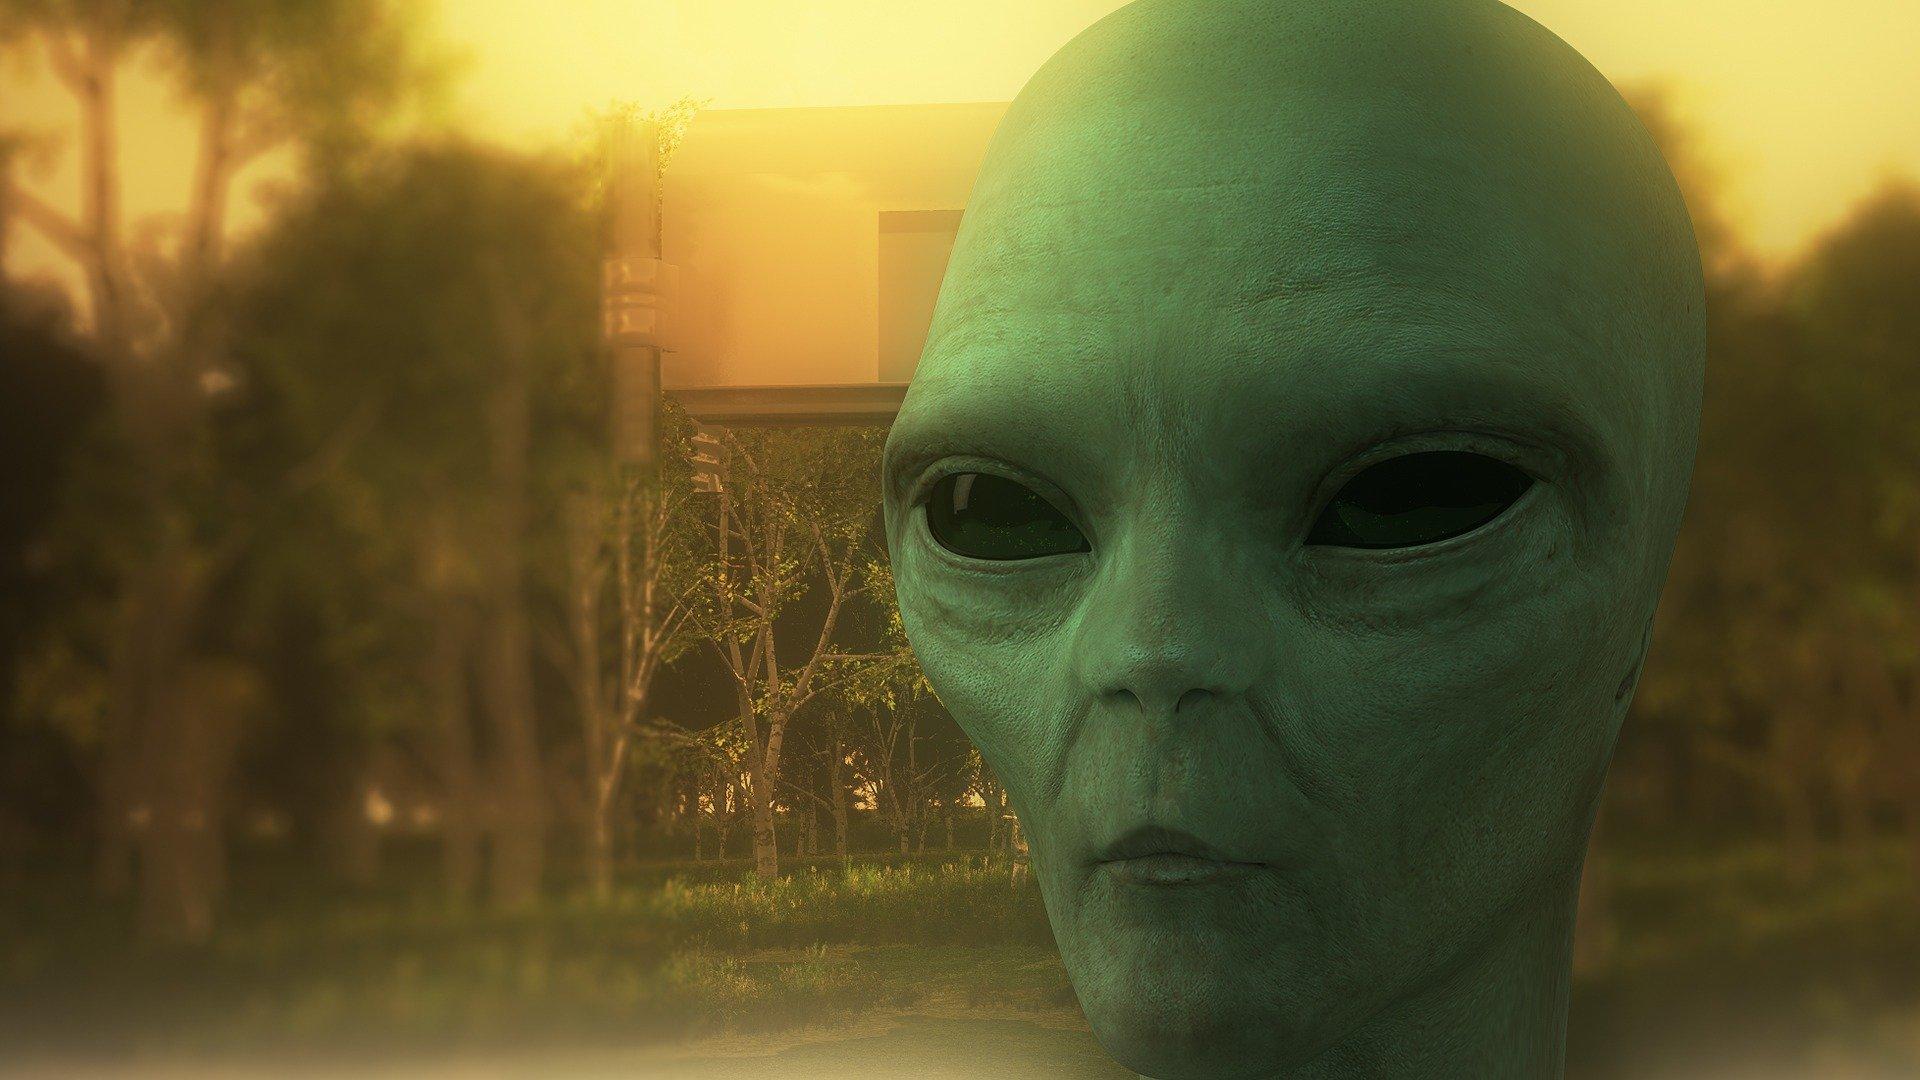 каждая картинки нло с пришельцами крампуса мало изменился